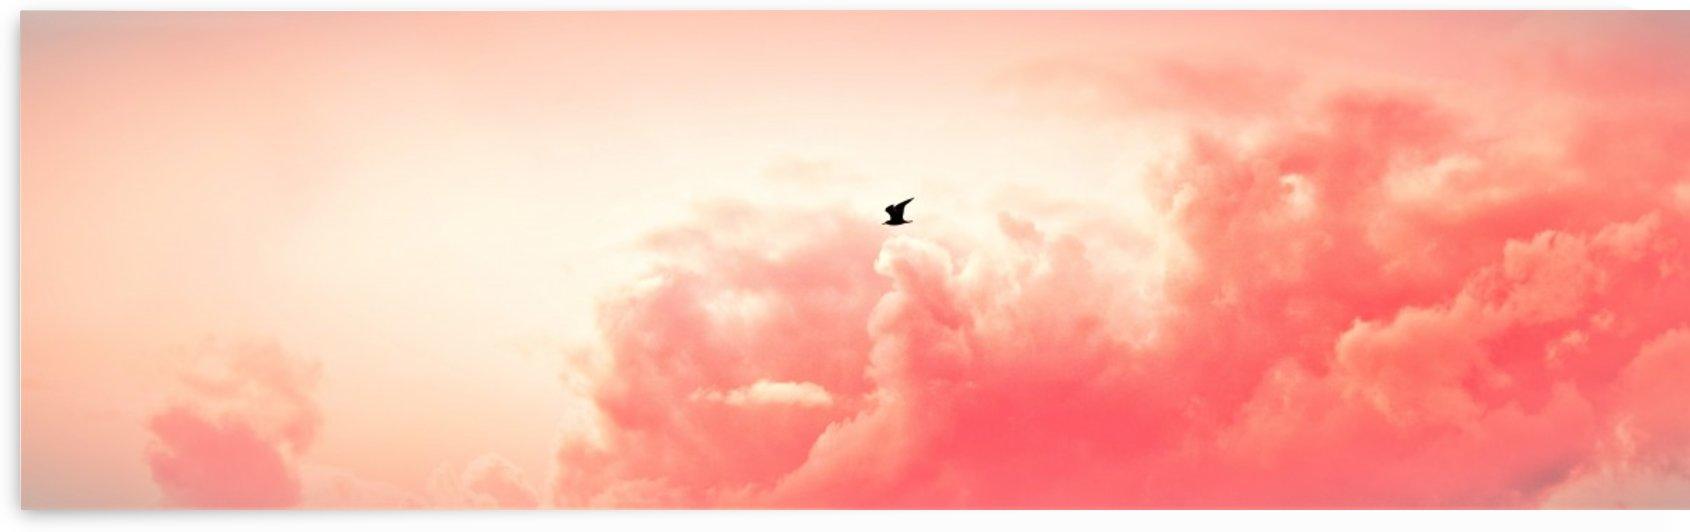 Paint it Pink by Anu Hamburg